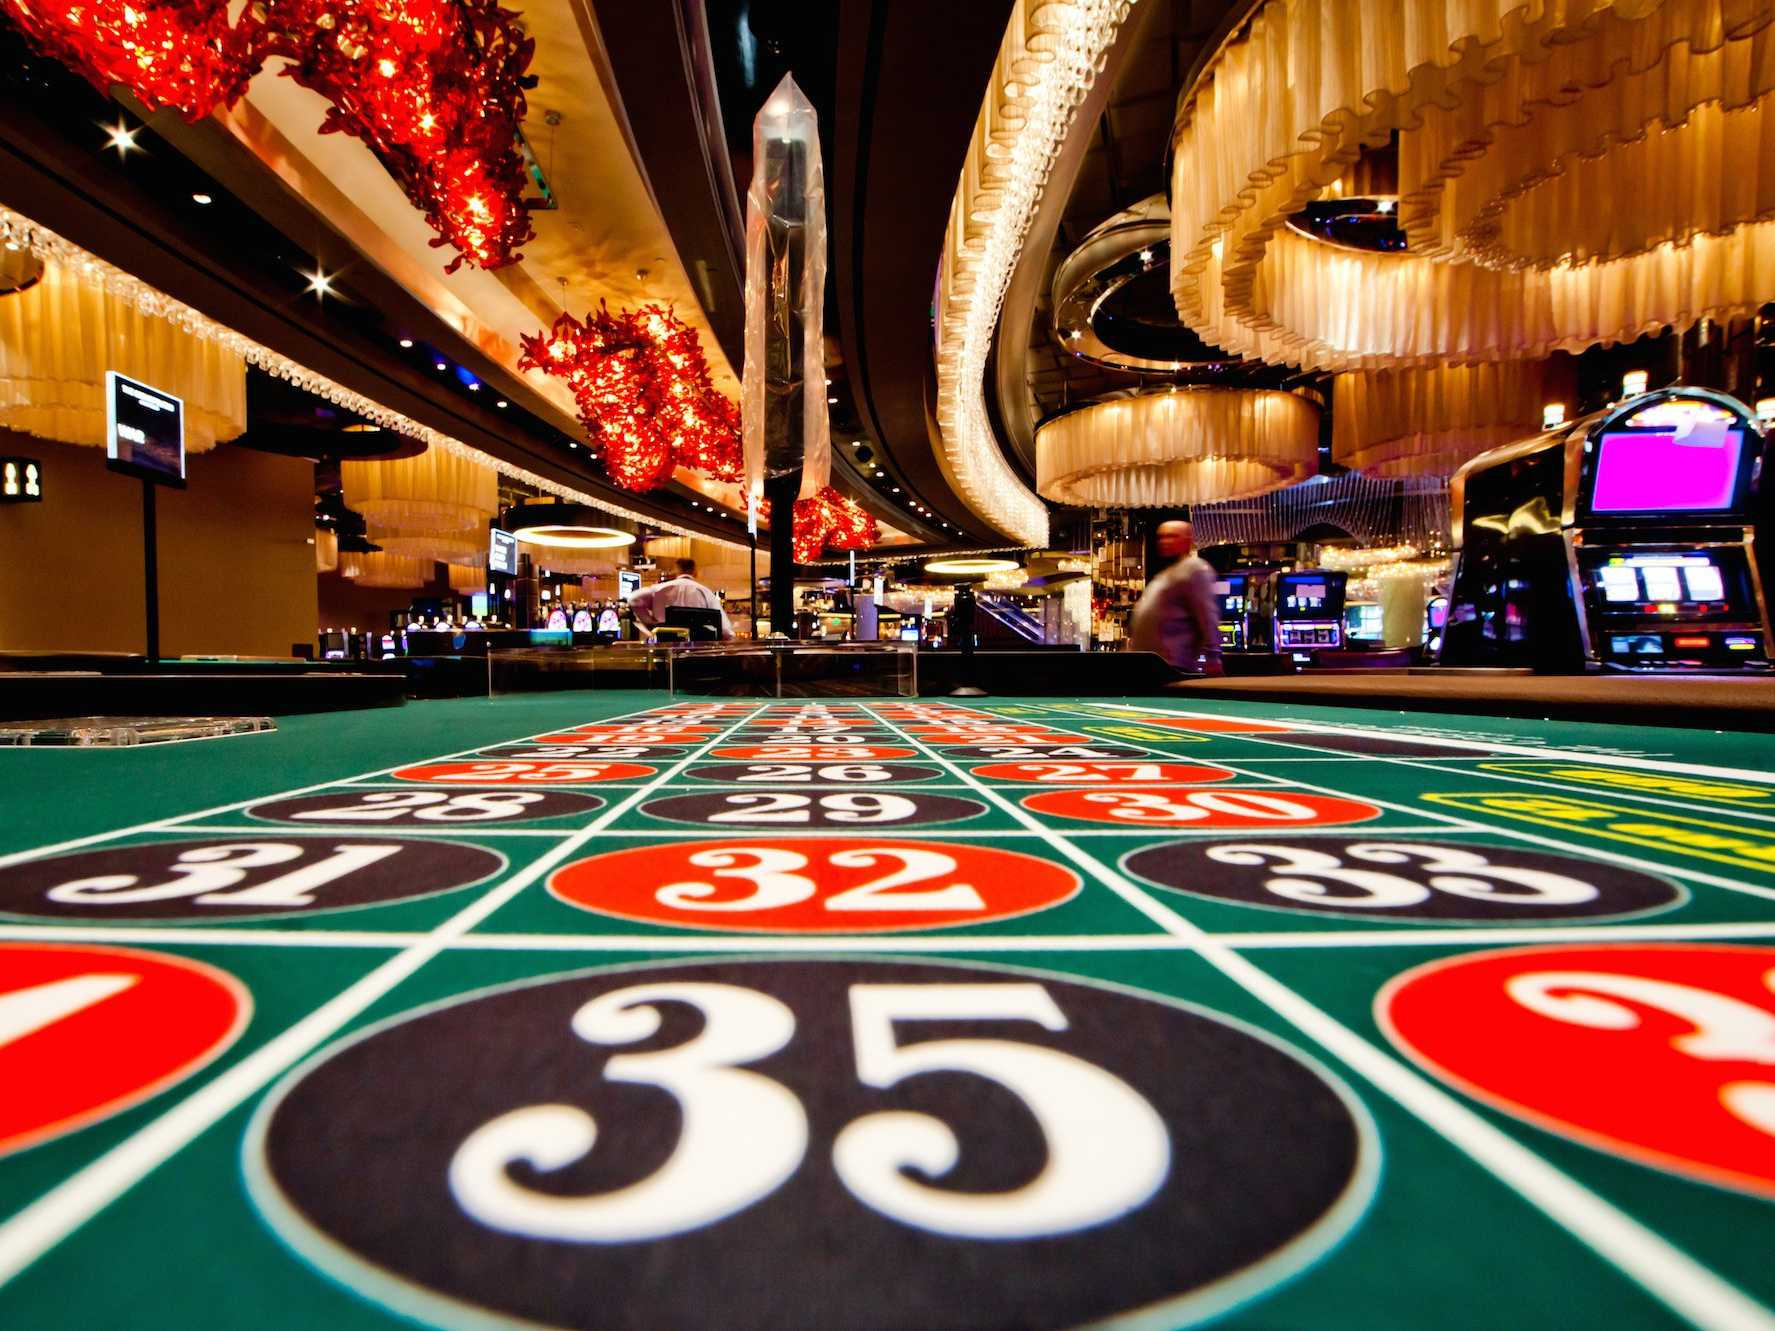 Les jeux casino classiques ne faiblissent jamais